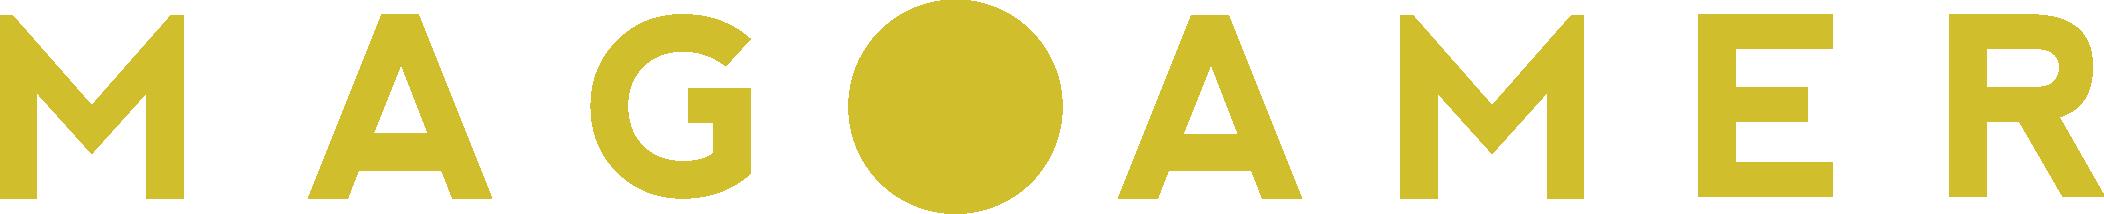 MagGamer-Gold-Transparent